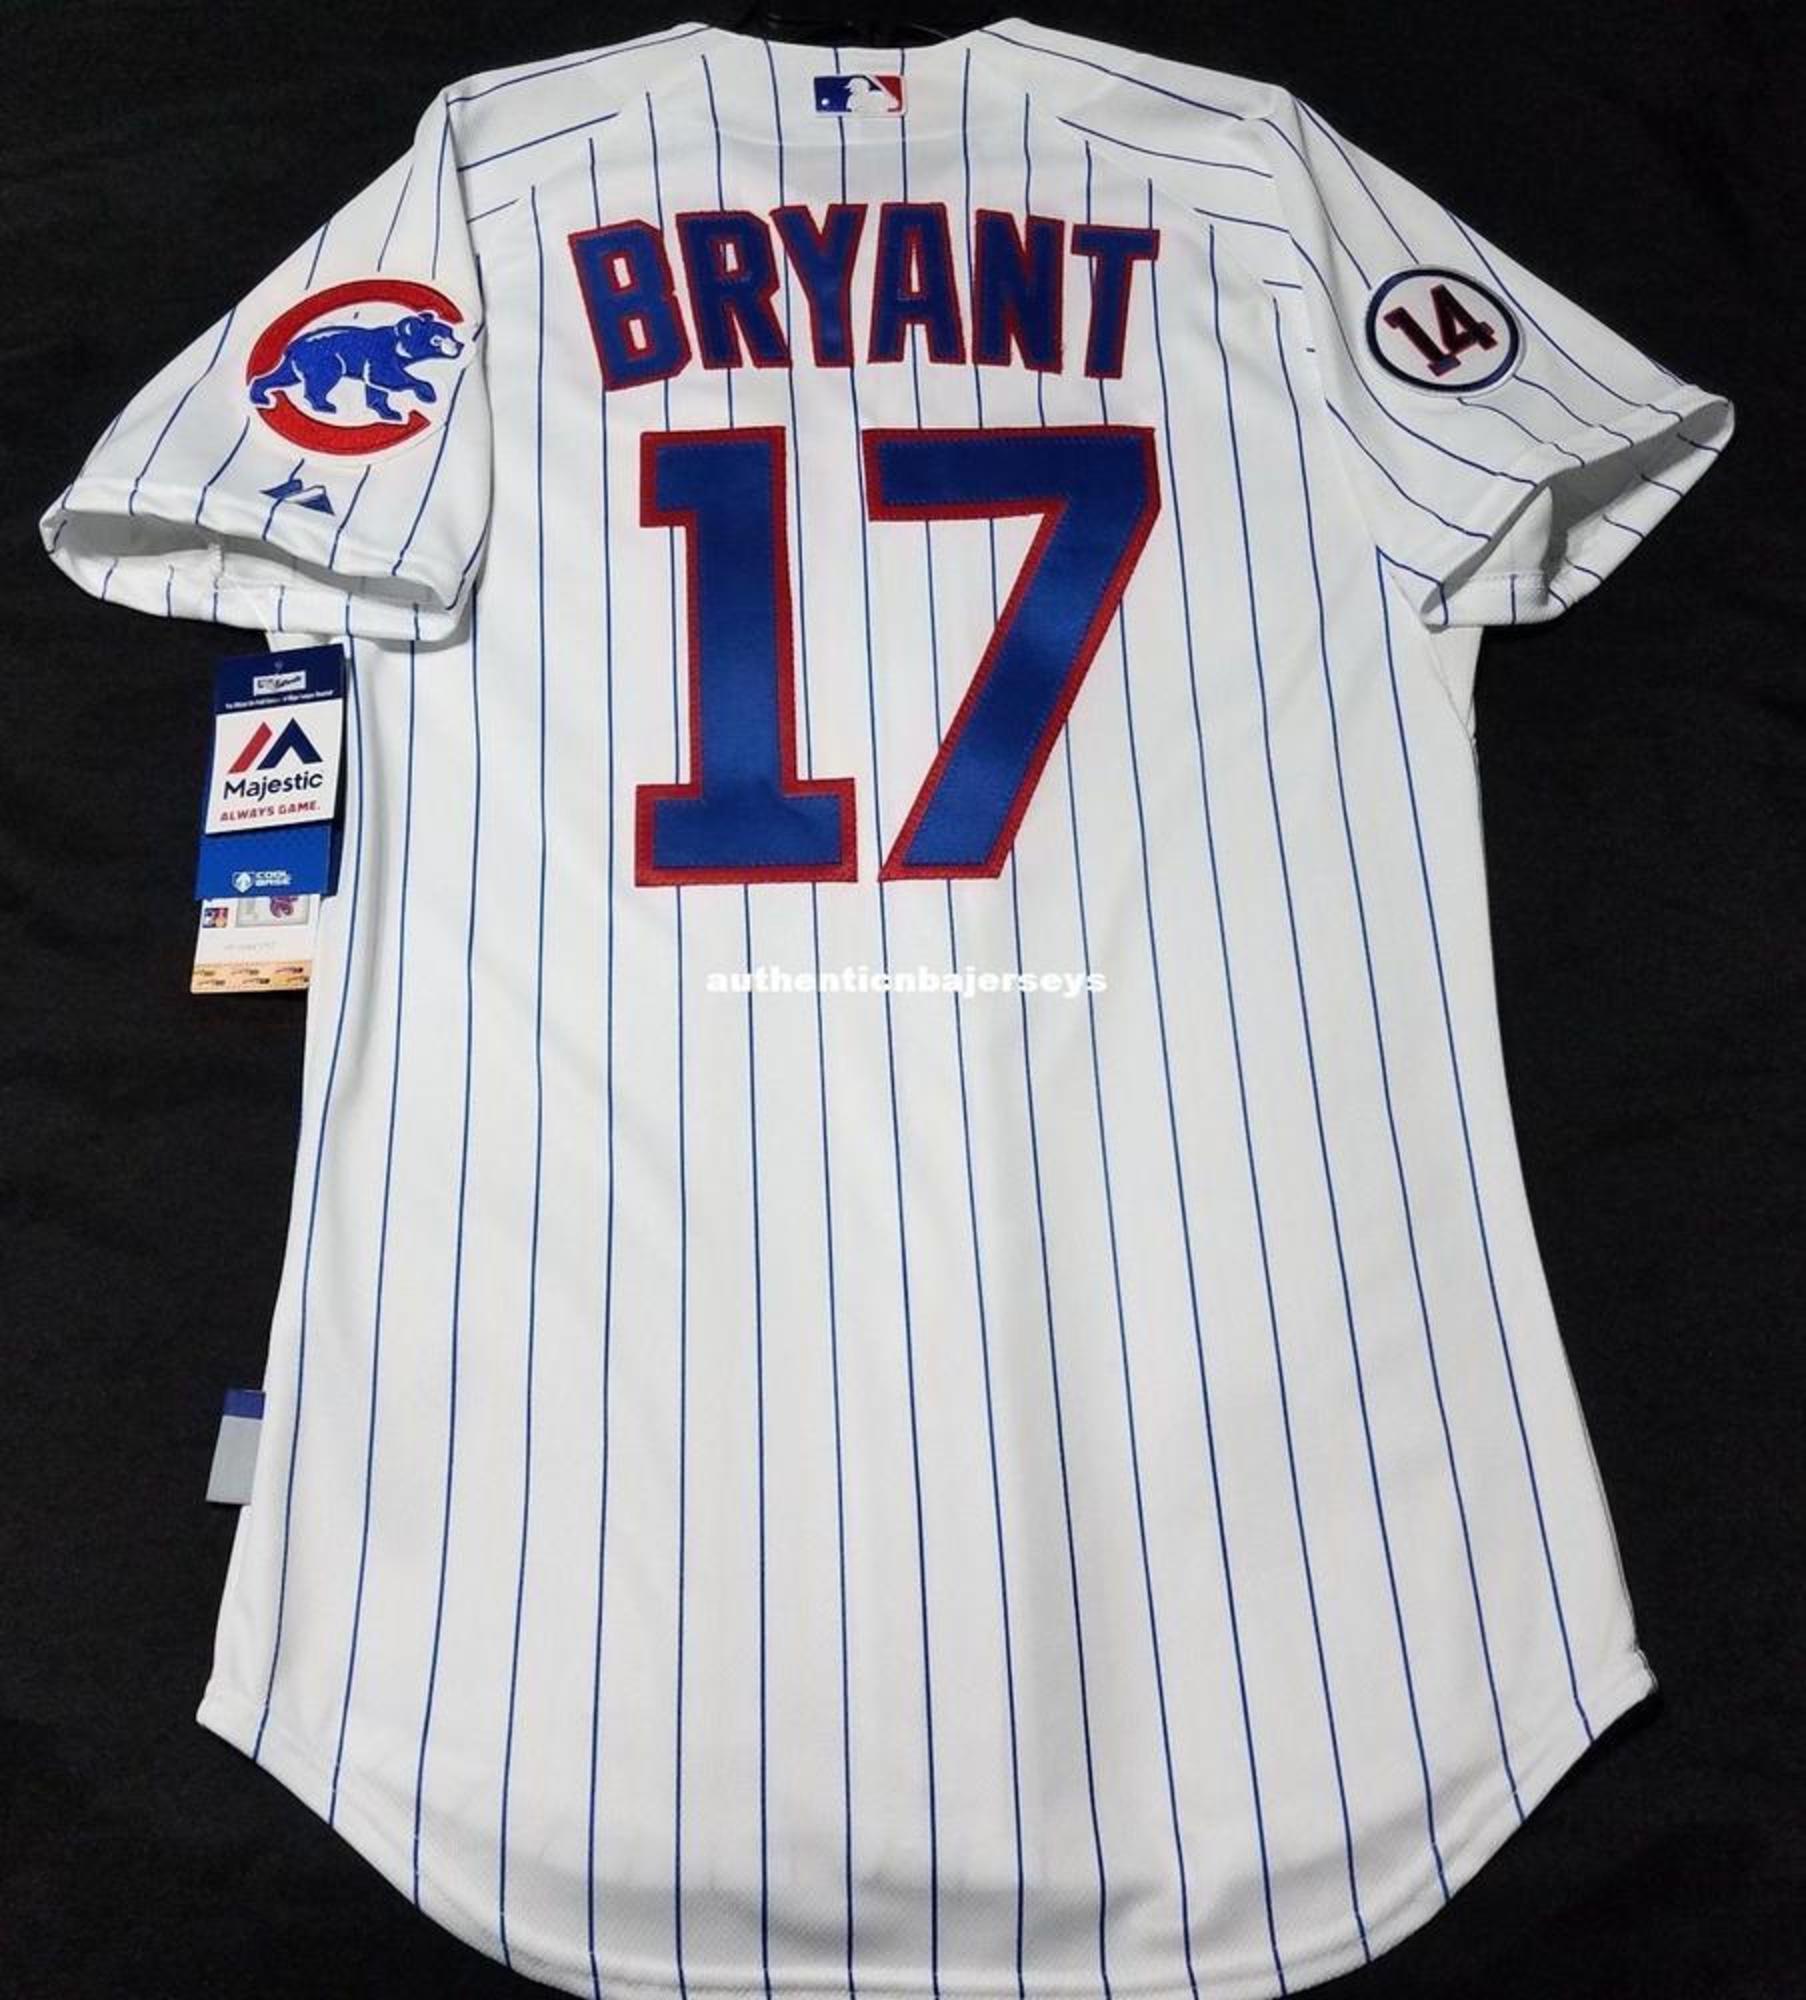 MAJESTIC economici Chicago # 17 PINSTRIPE BRYANT basso freddo Jersey Mens cucito all'ingrosso grande e grosso DIMENSIONE pullover di baseball XS-6XL